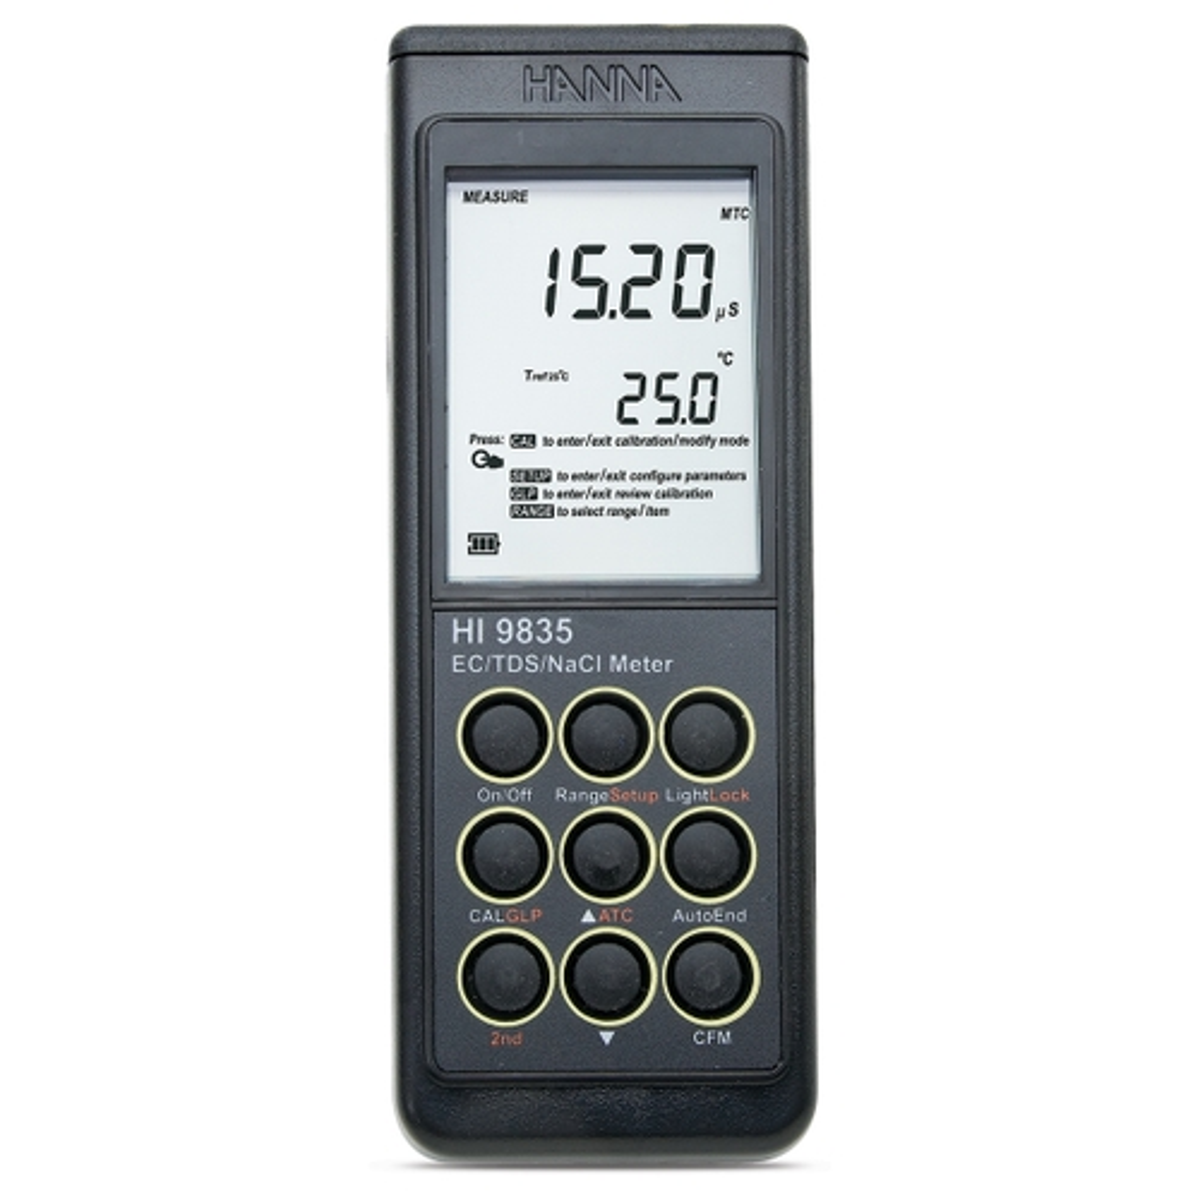 HI9835 EC/TDS/NaCl/°C Portable Meter